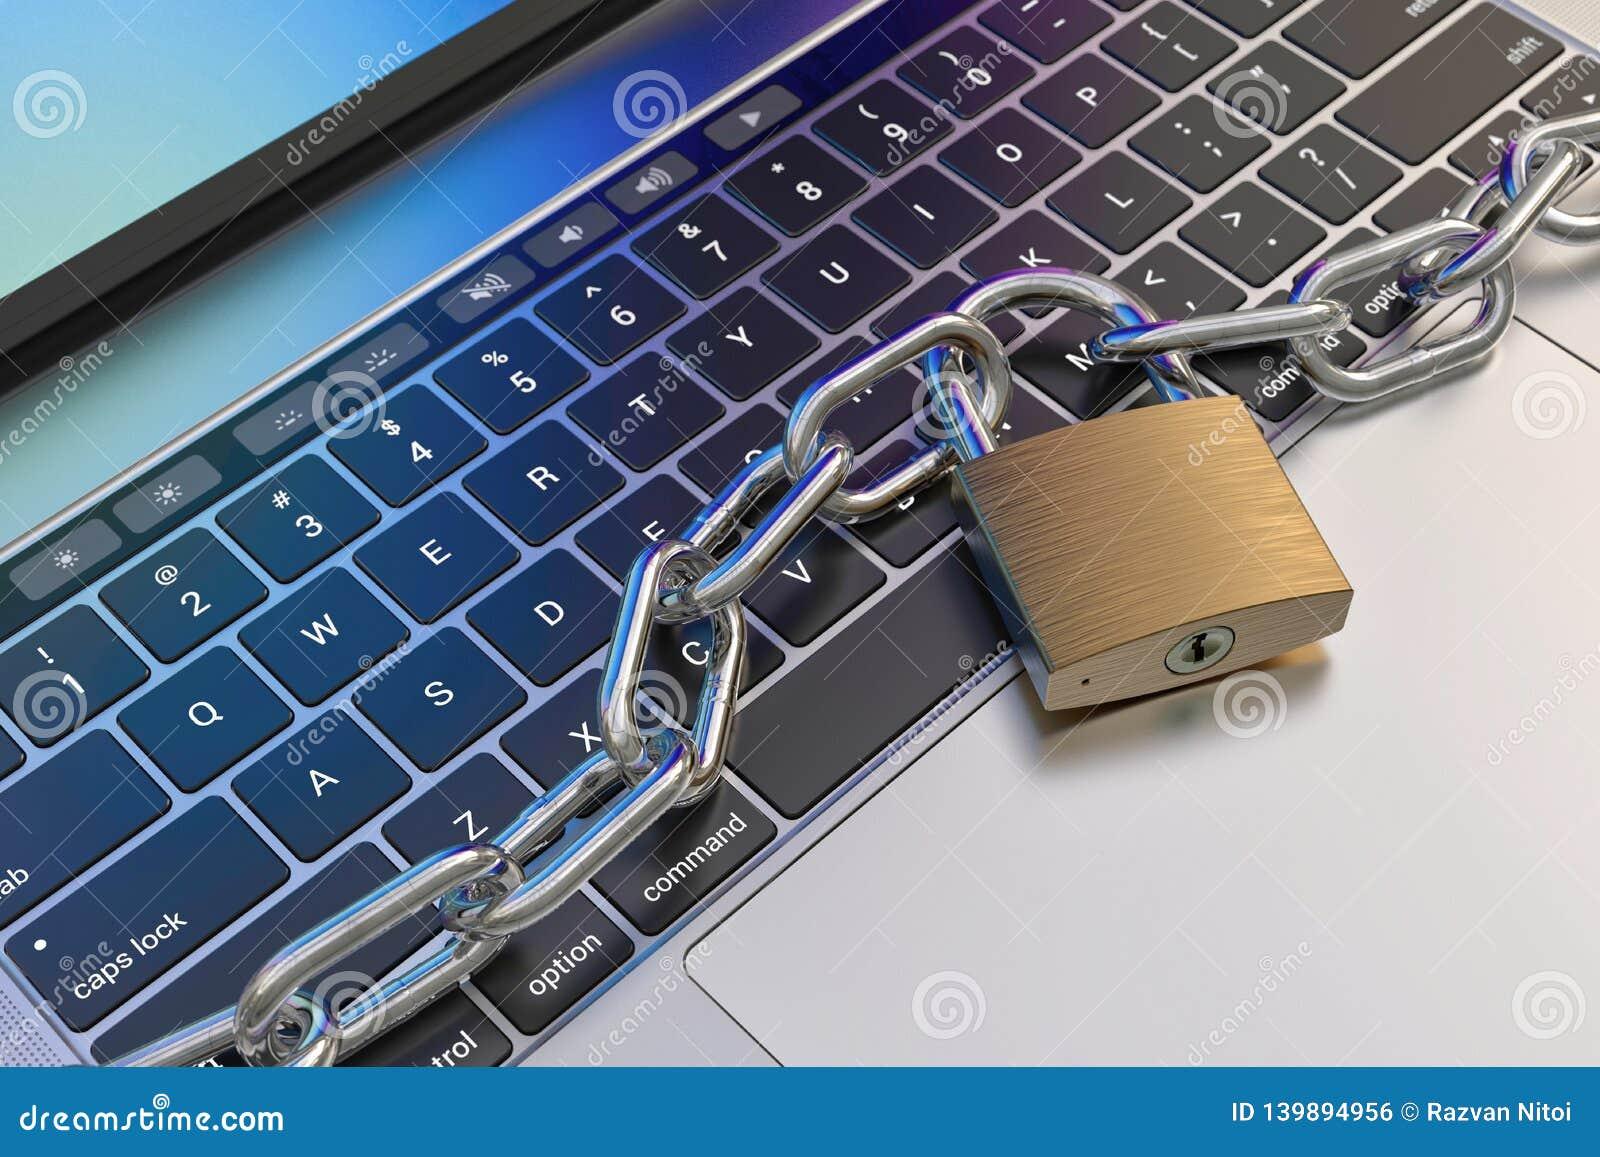 Πληκτρολόγιο υπολογιστών που κλειδώνεται με το λουκέτο και την αλυσίδα - ασφάλεια